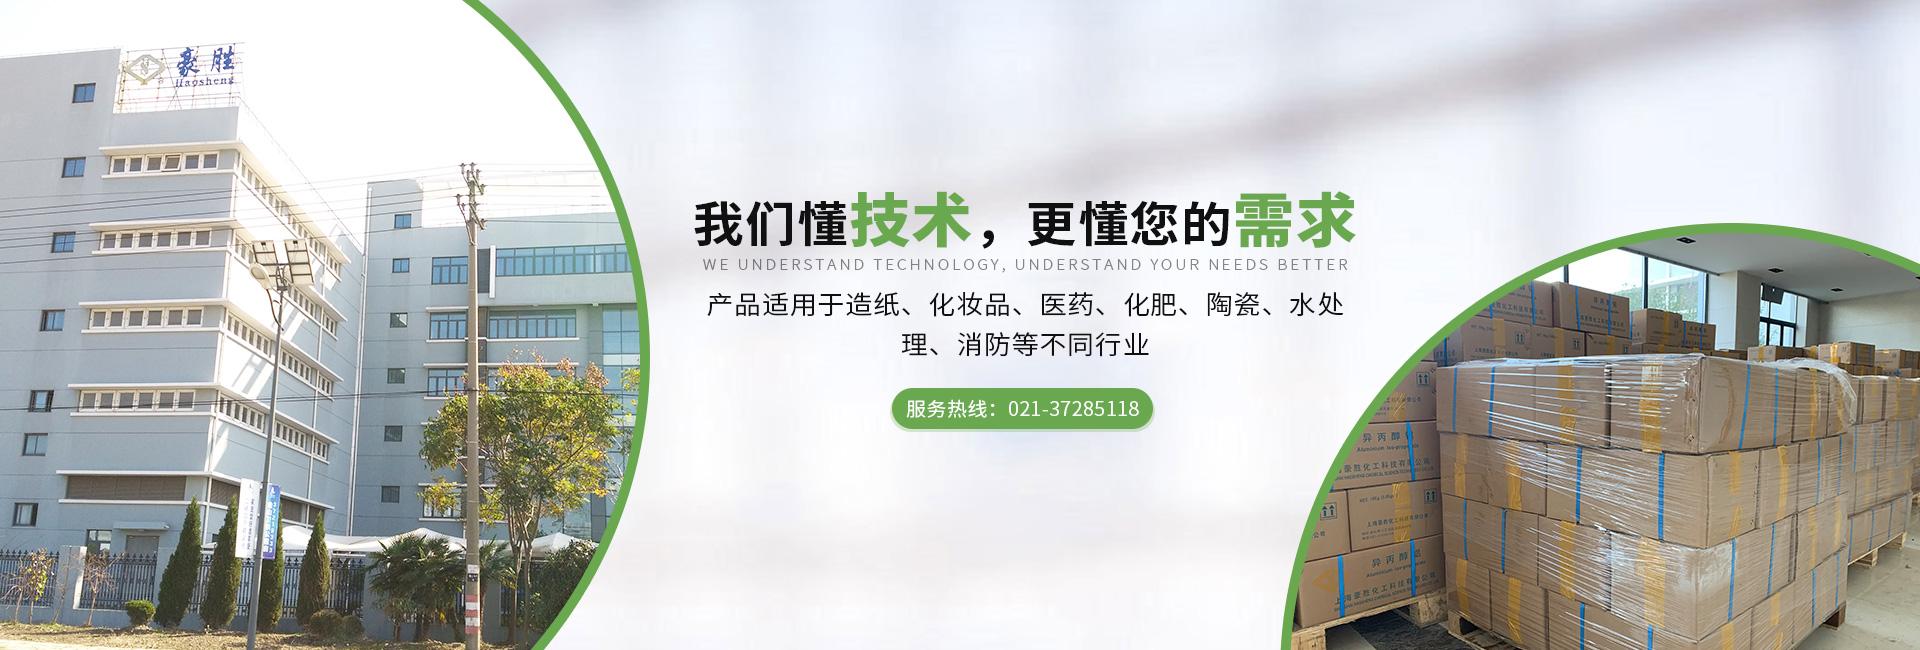 上海豪胜化工科技有限公司